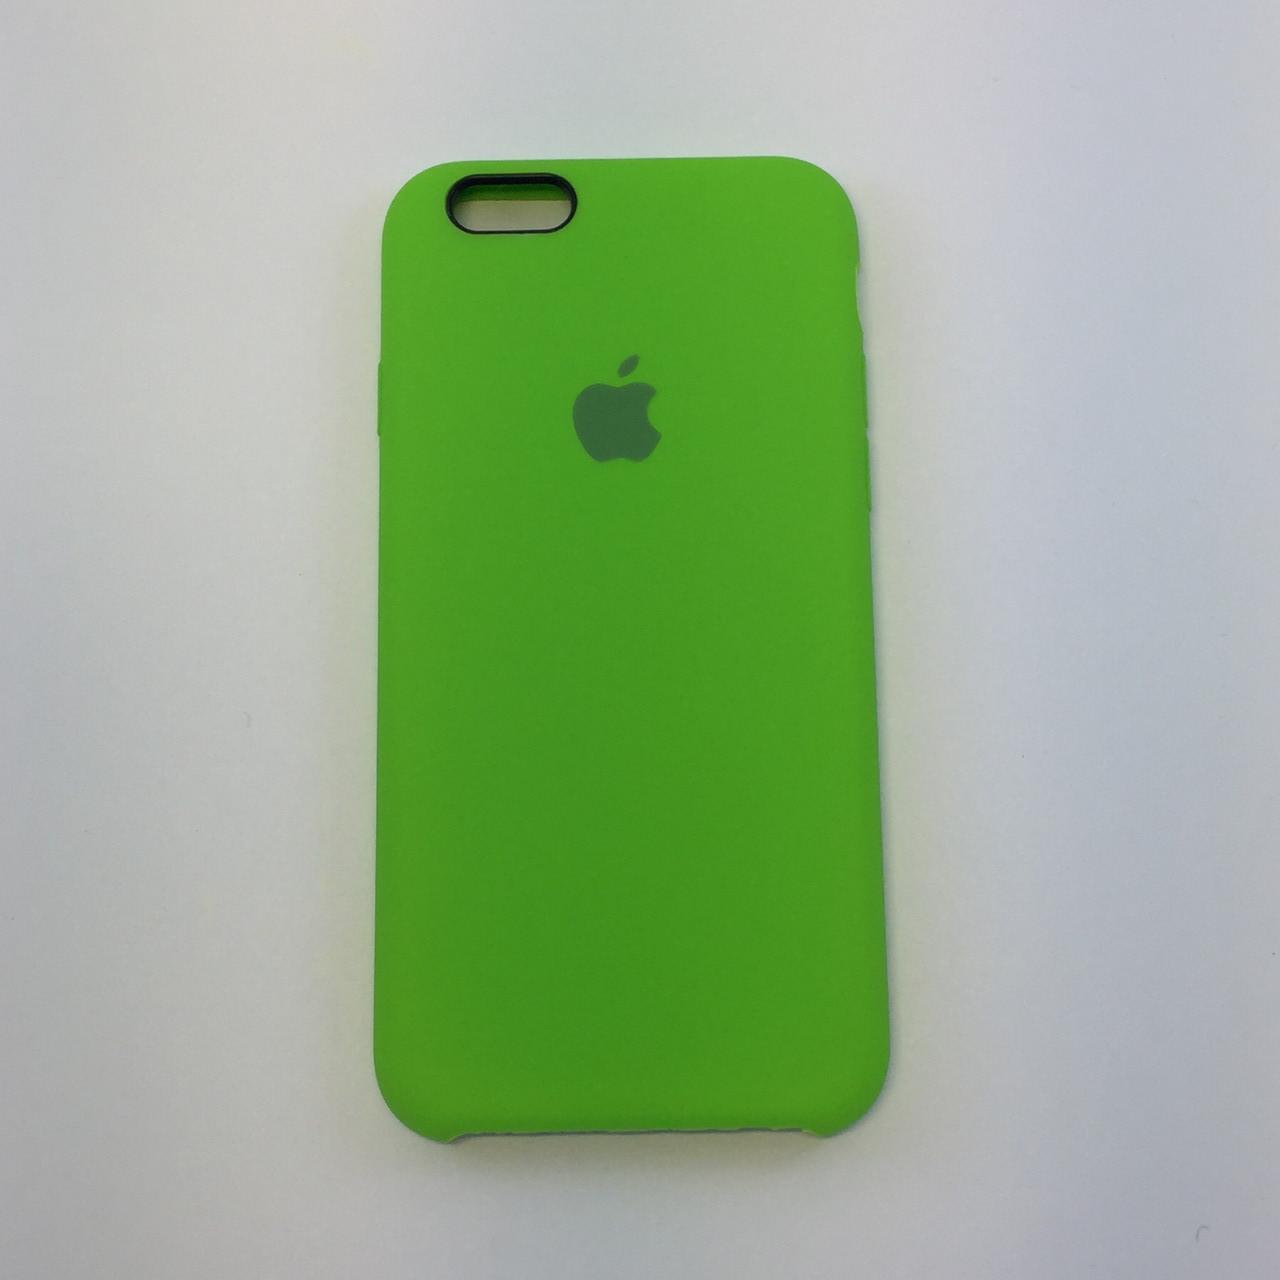 Силиконовый чехол iPhone 6 Plus / 6s Plus, лайм, copy original